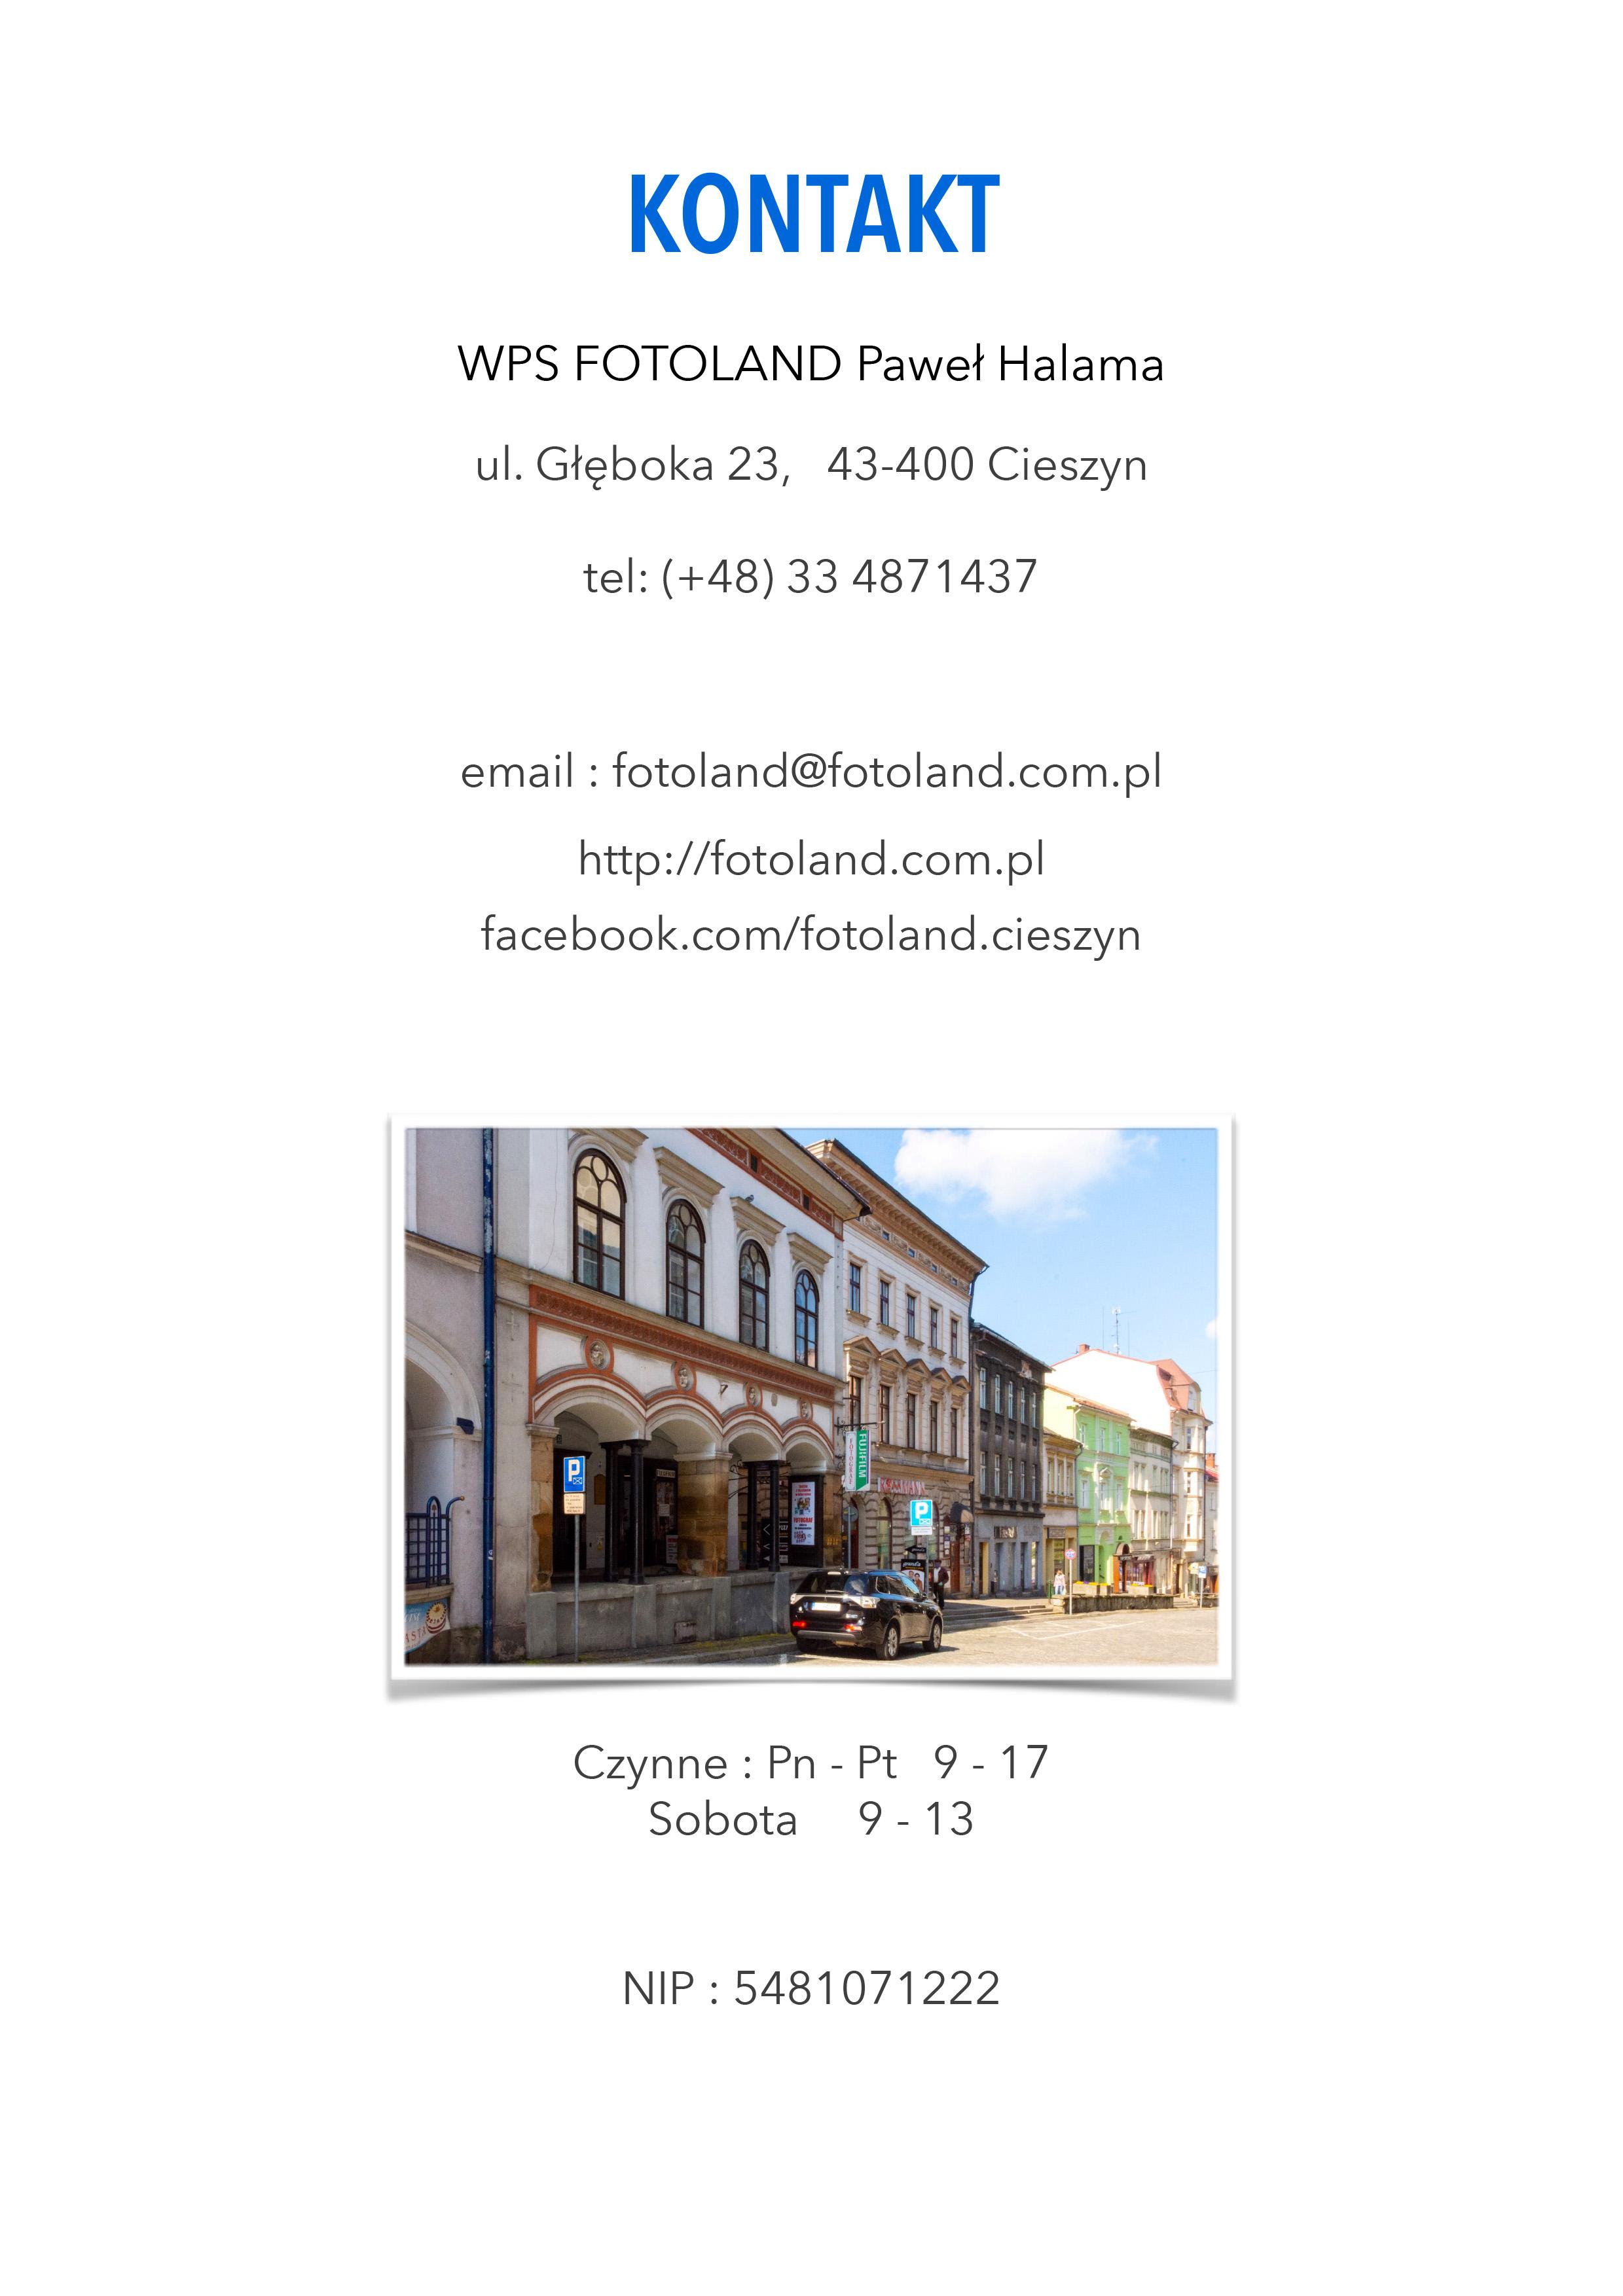 WPS Fotoland-kontakt